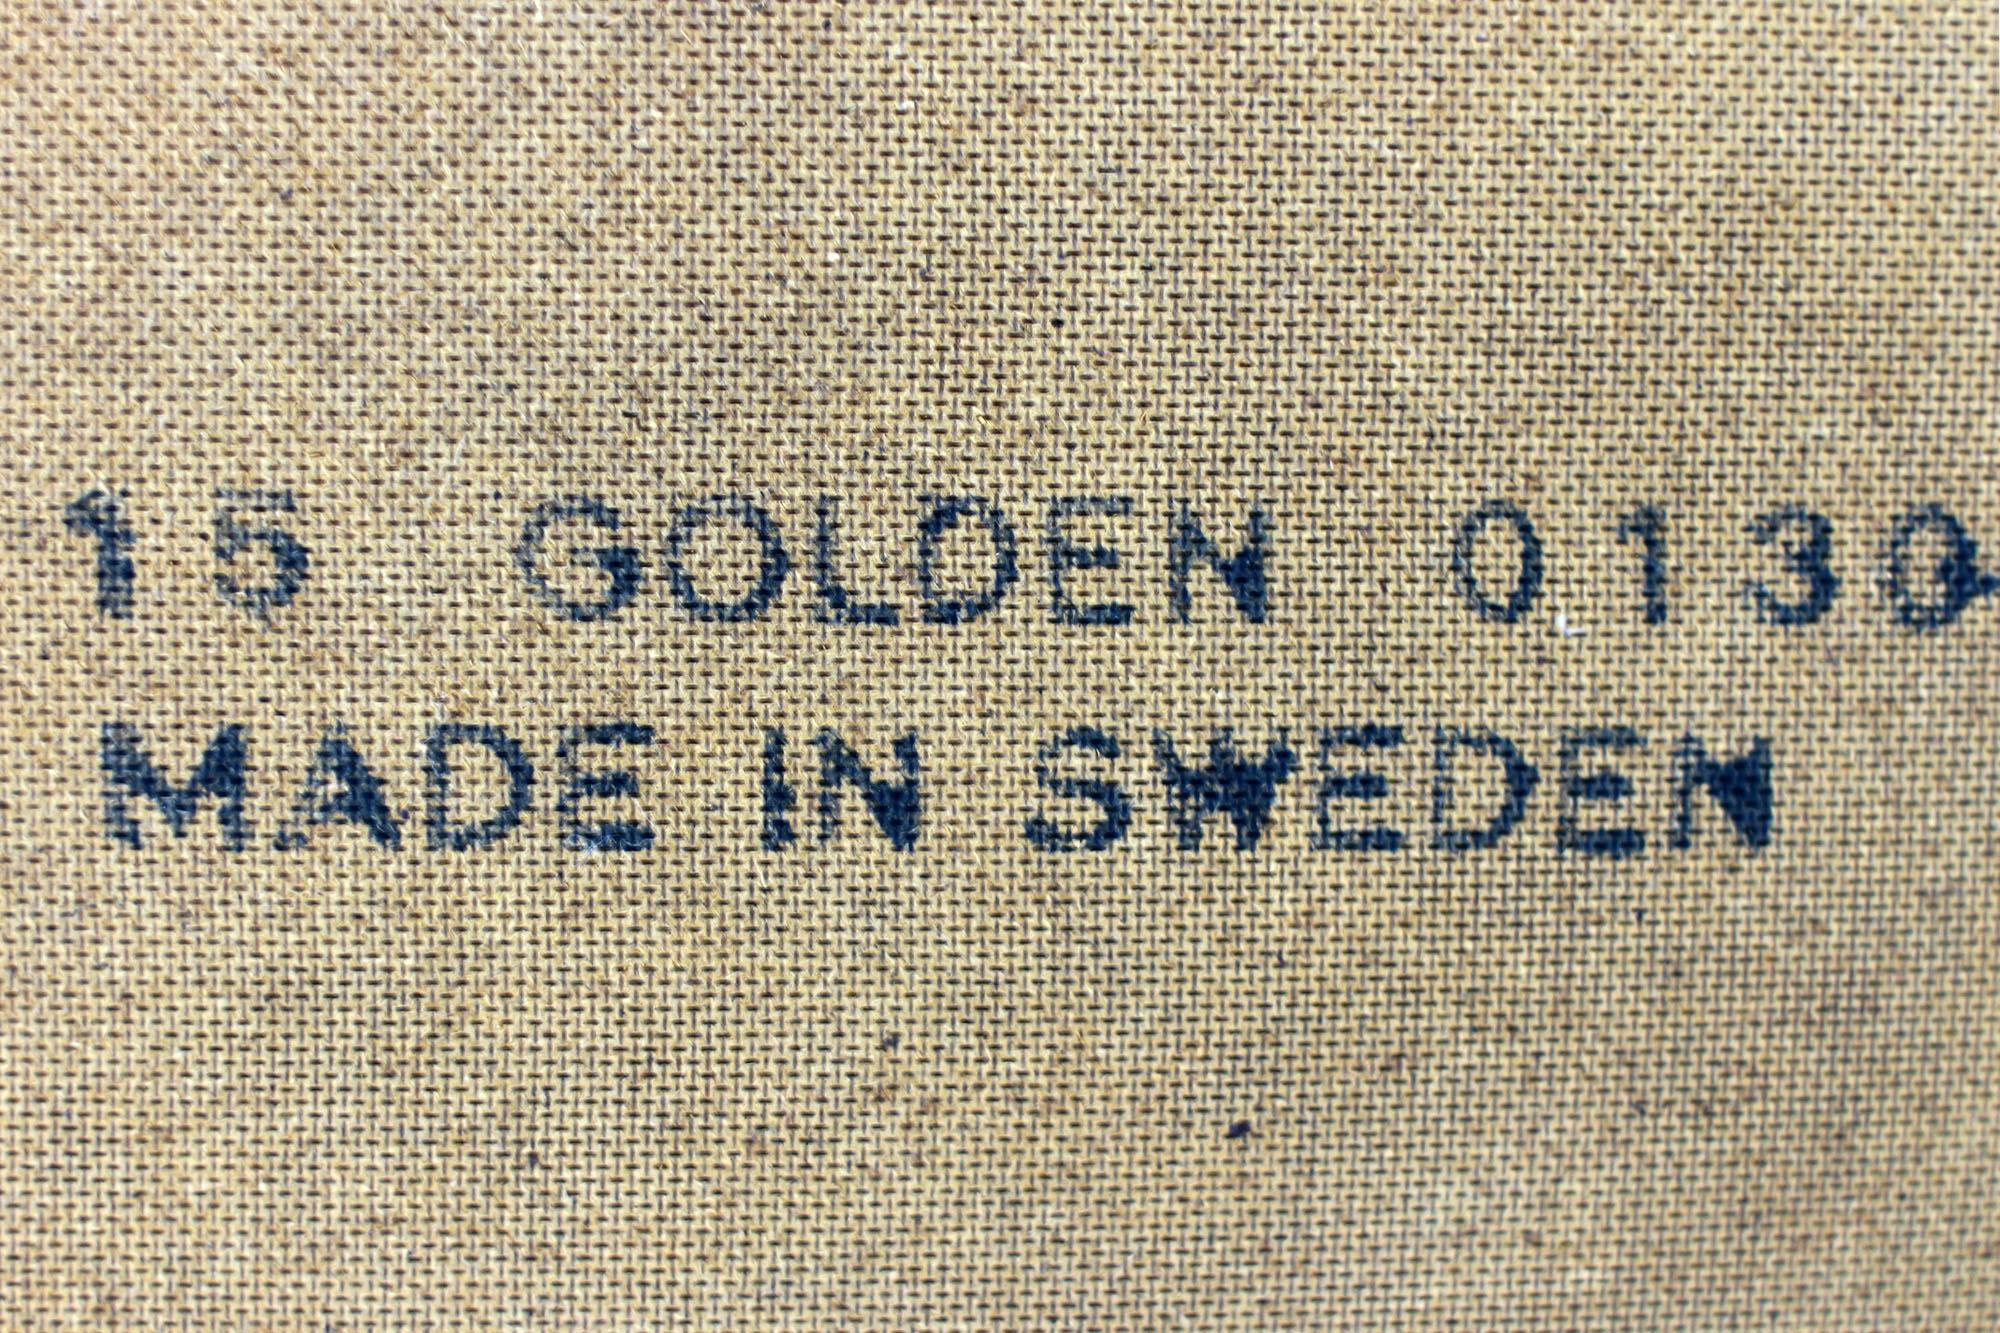 Teak MCM Credenza with Round Handles Made in Sweden (1).jpg